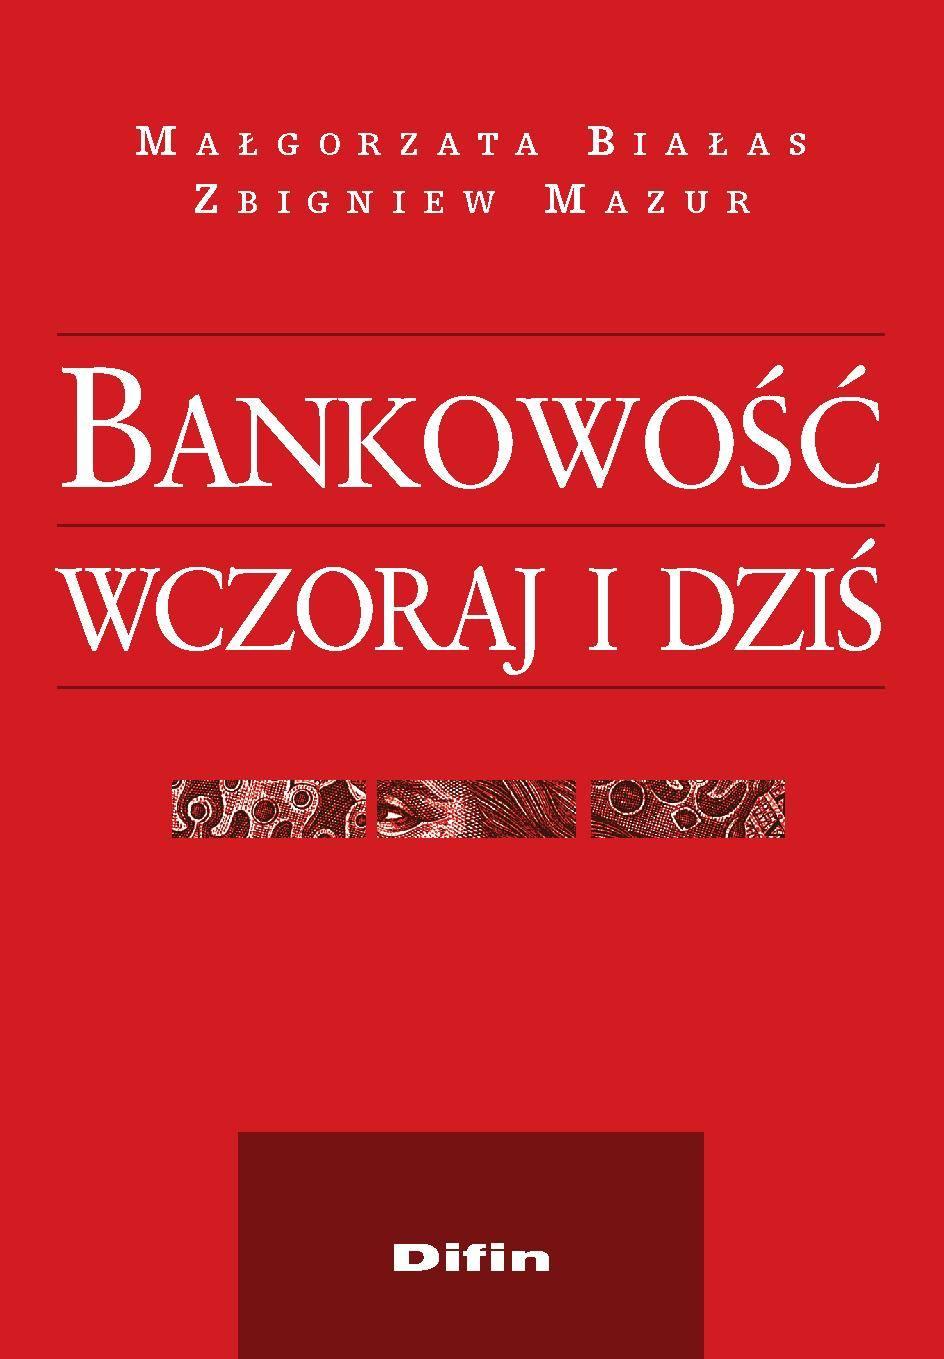 Bankowość wczoraj i dziś - Ebook (Książka EPUB) do pobrania w formacie EPUB